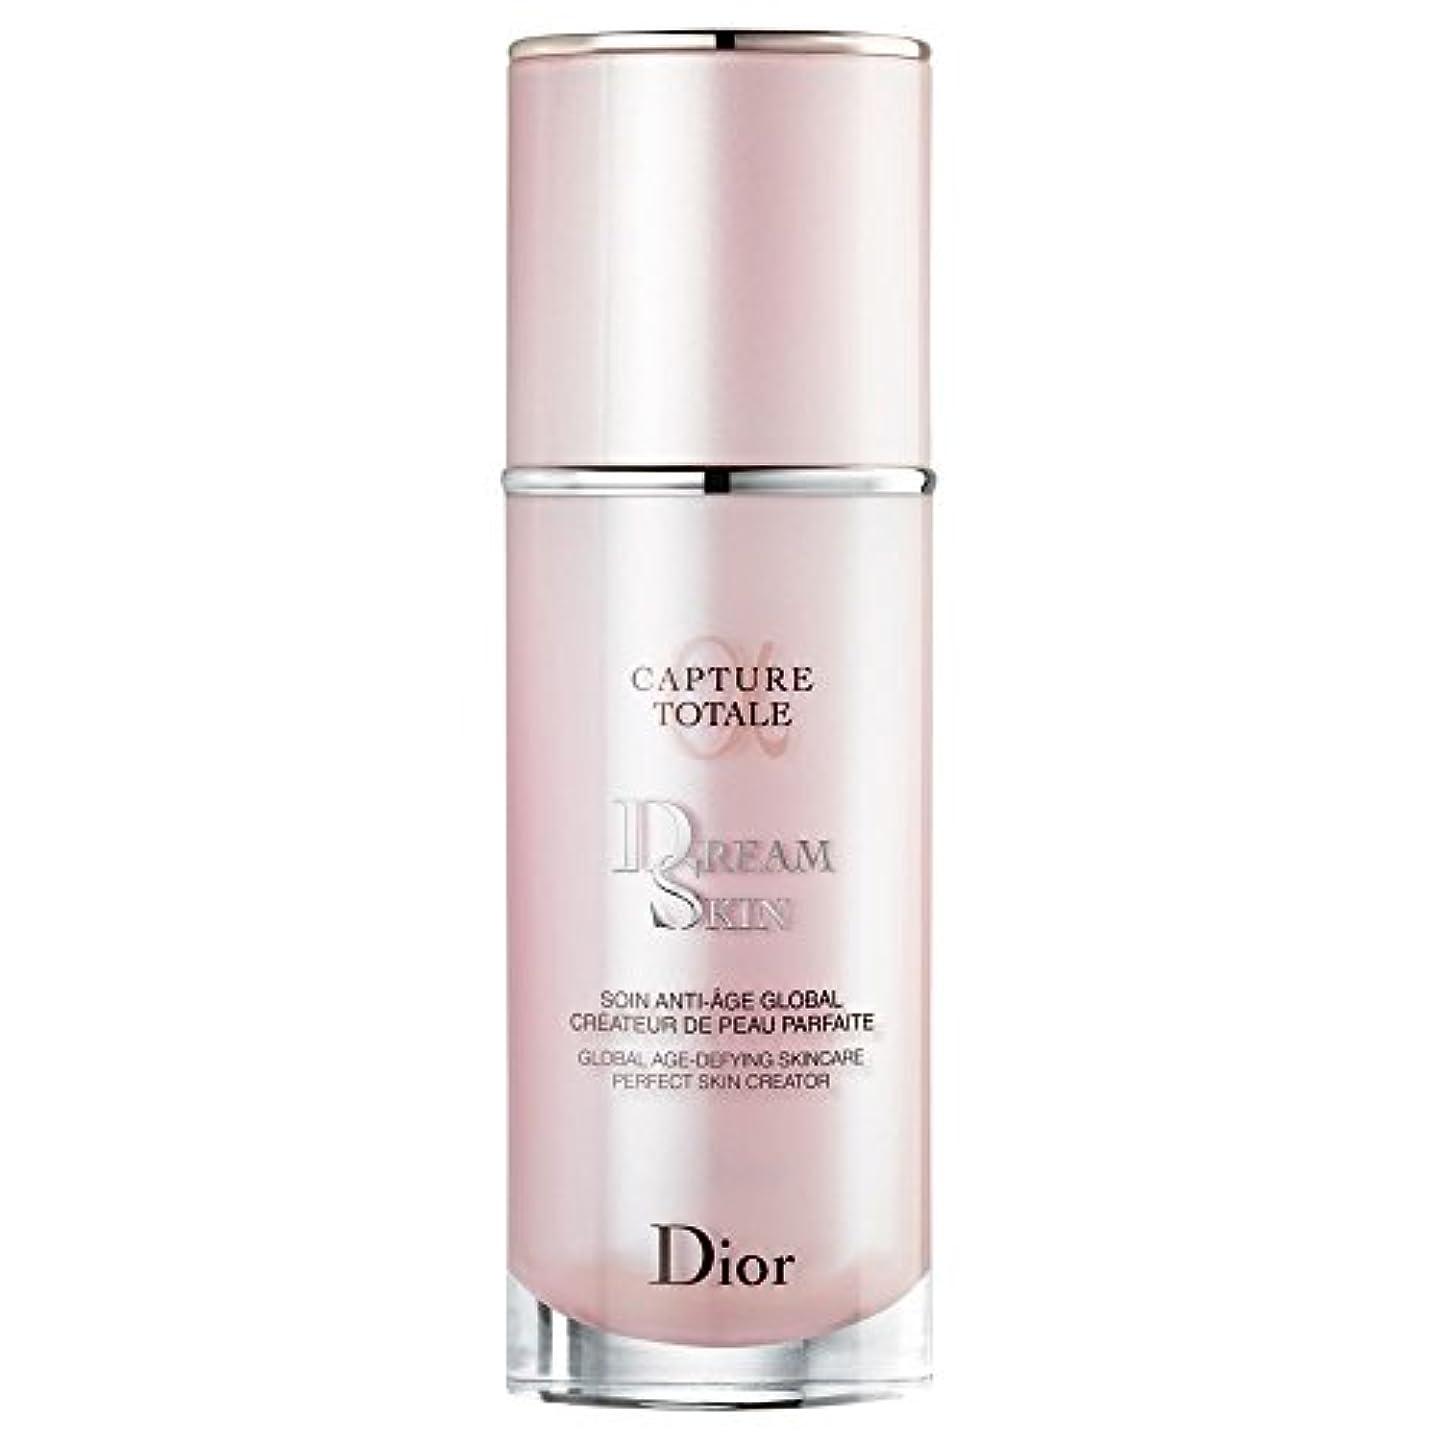 ママそこからアナウンサー[Dior] ディオールキャプチャカプチュールトータルDreamskin血清50ミリリットル - Dior Capture Totale Dreamskin Serum 50ml [並行輸入品]